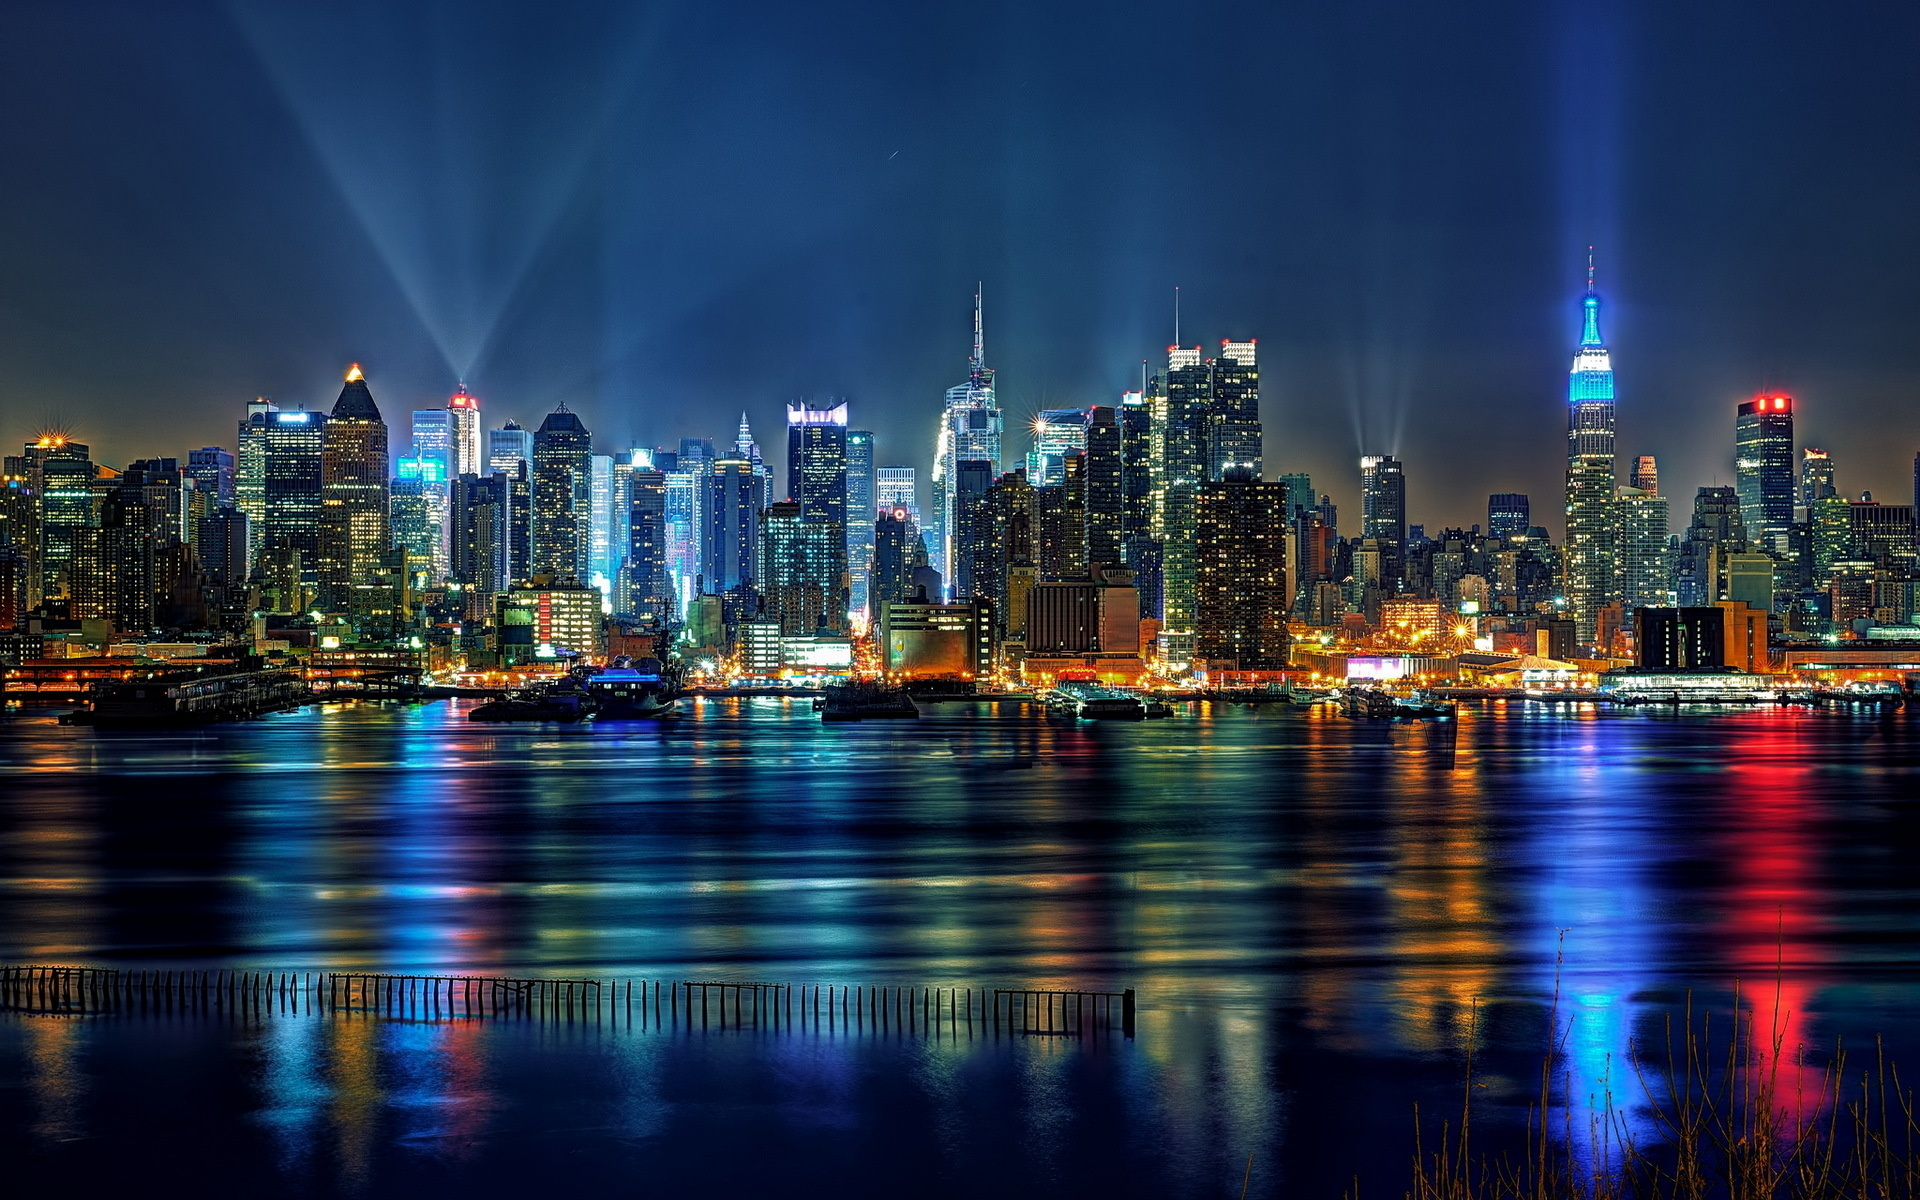 New York Computer Wallpaper Wallpapersafari